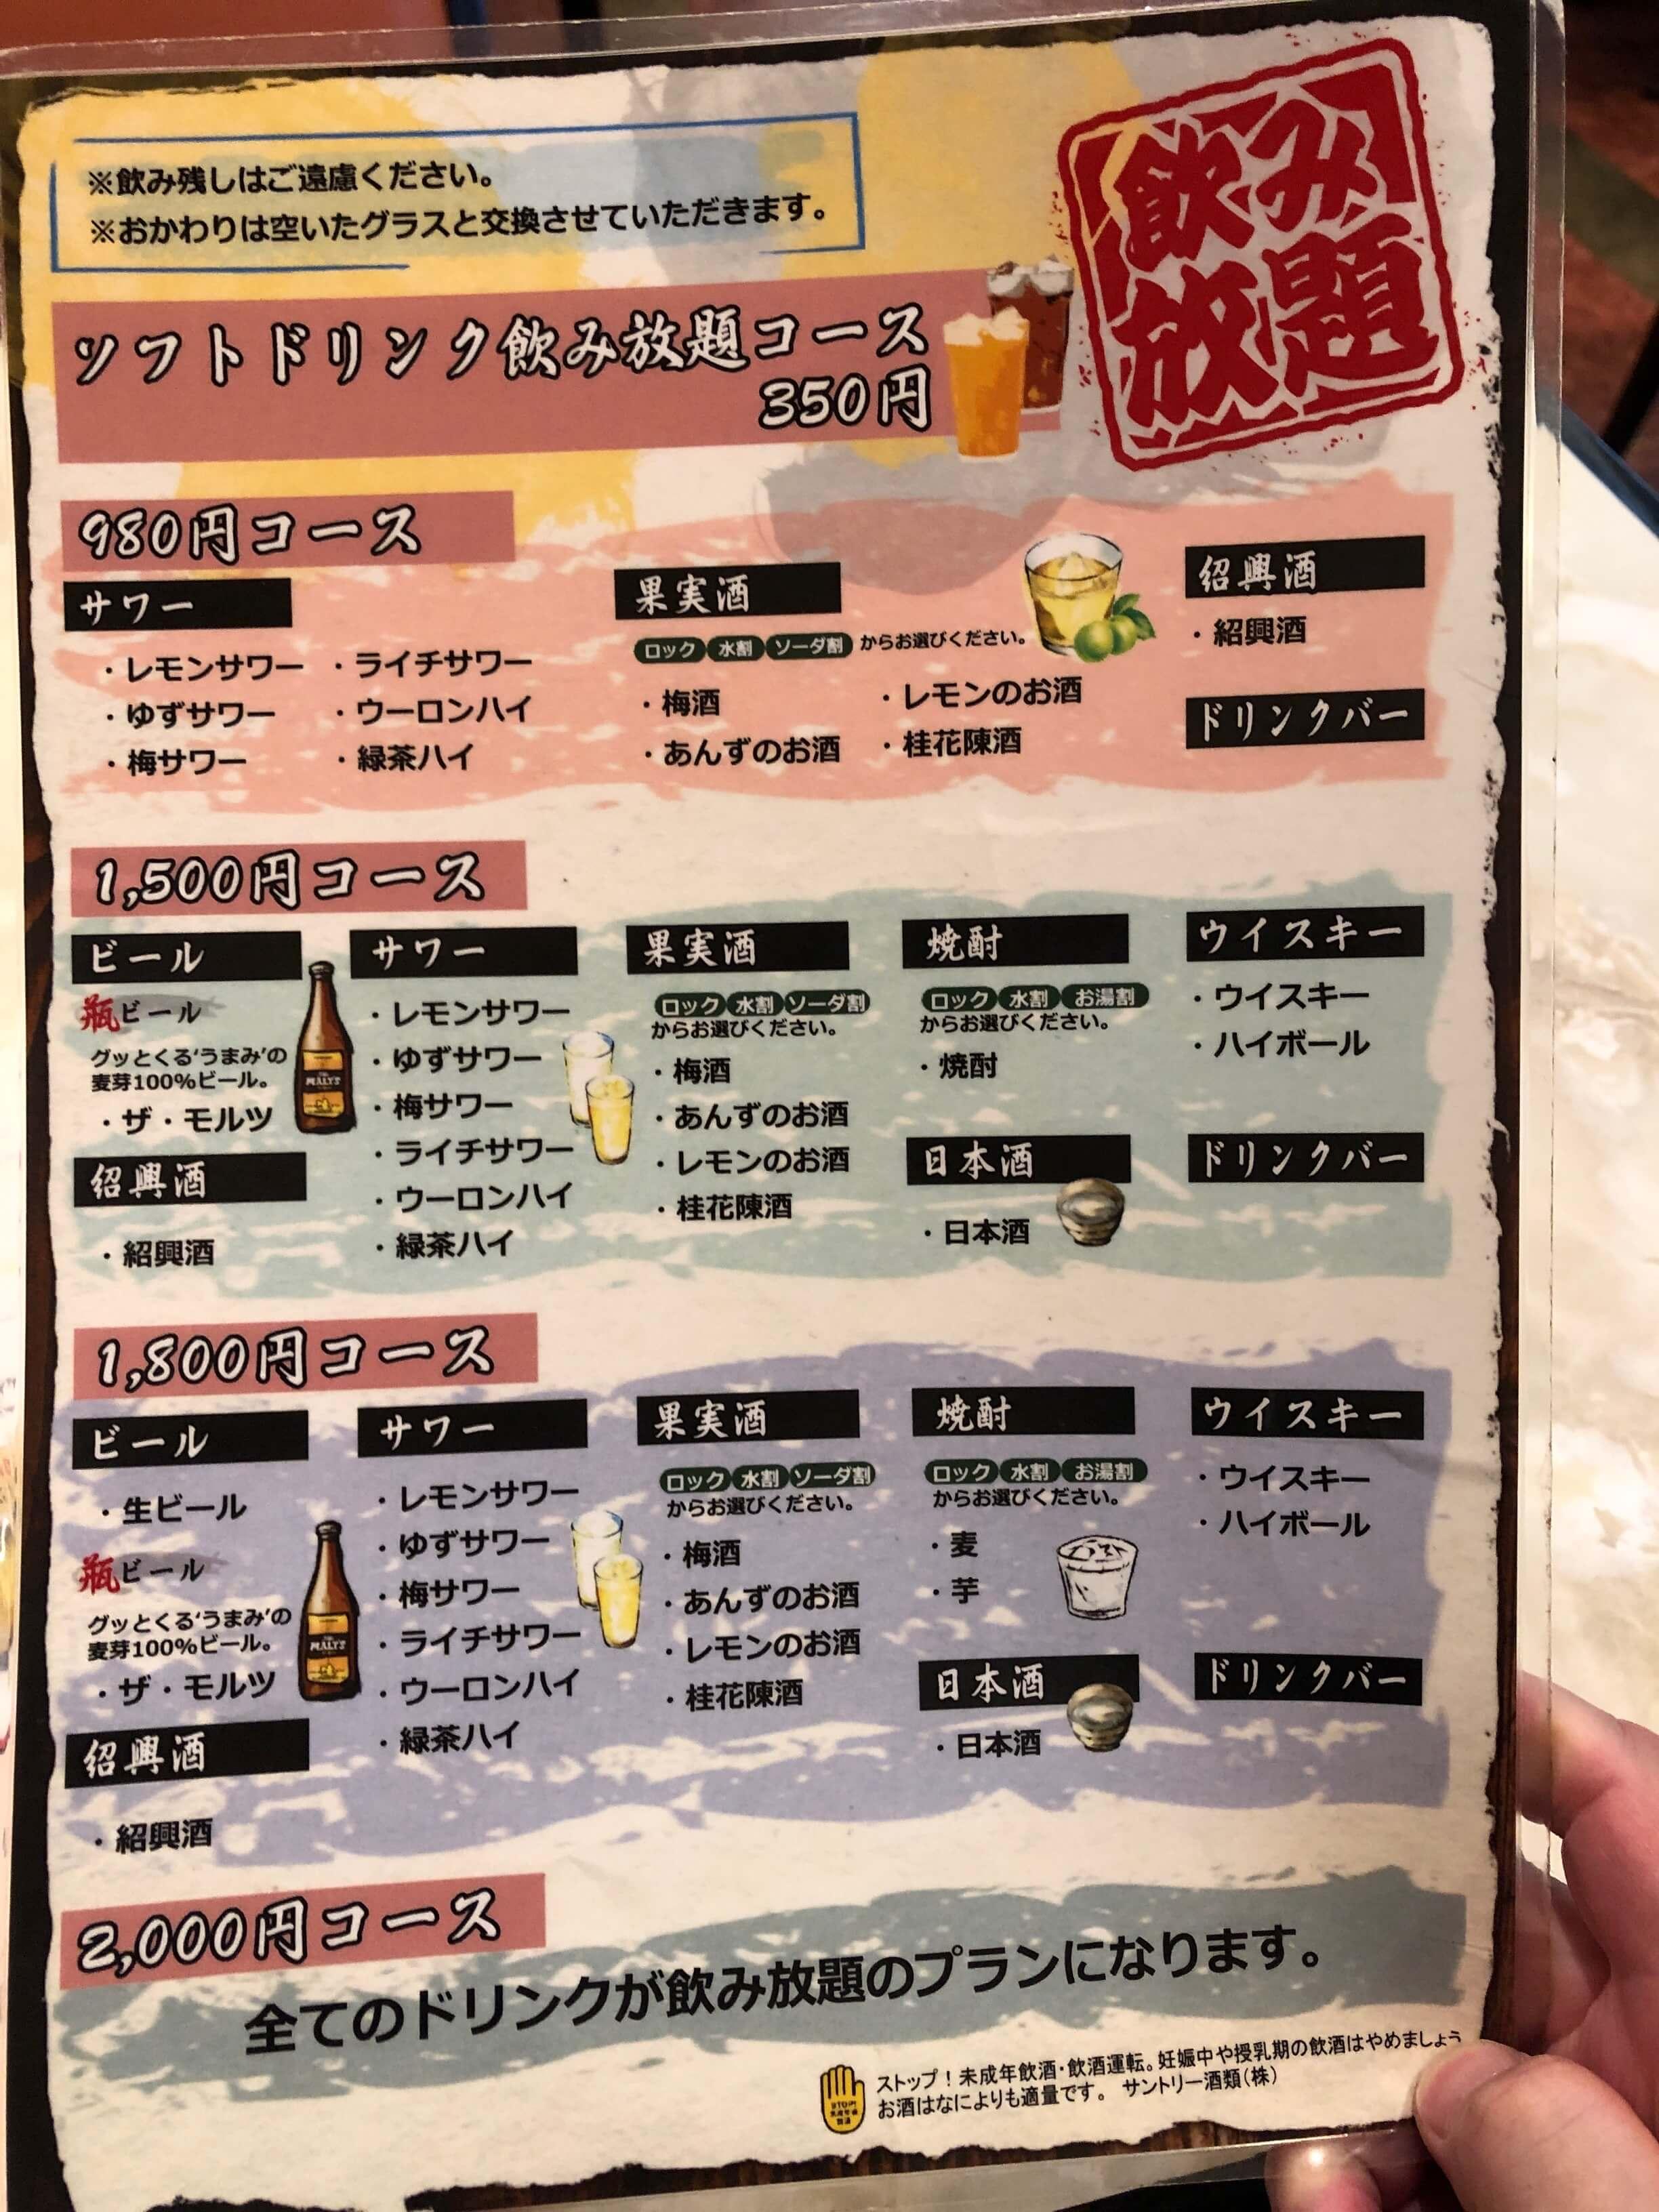 龍興飯店 メニュー 2020.07.01